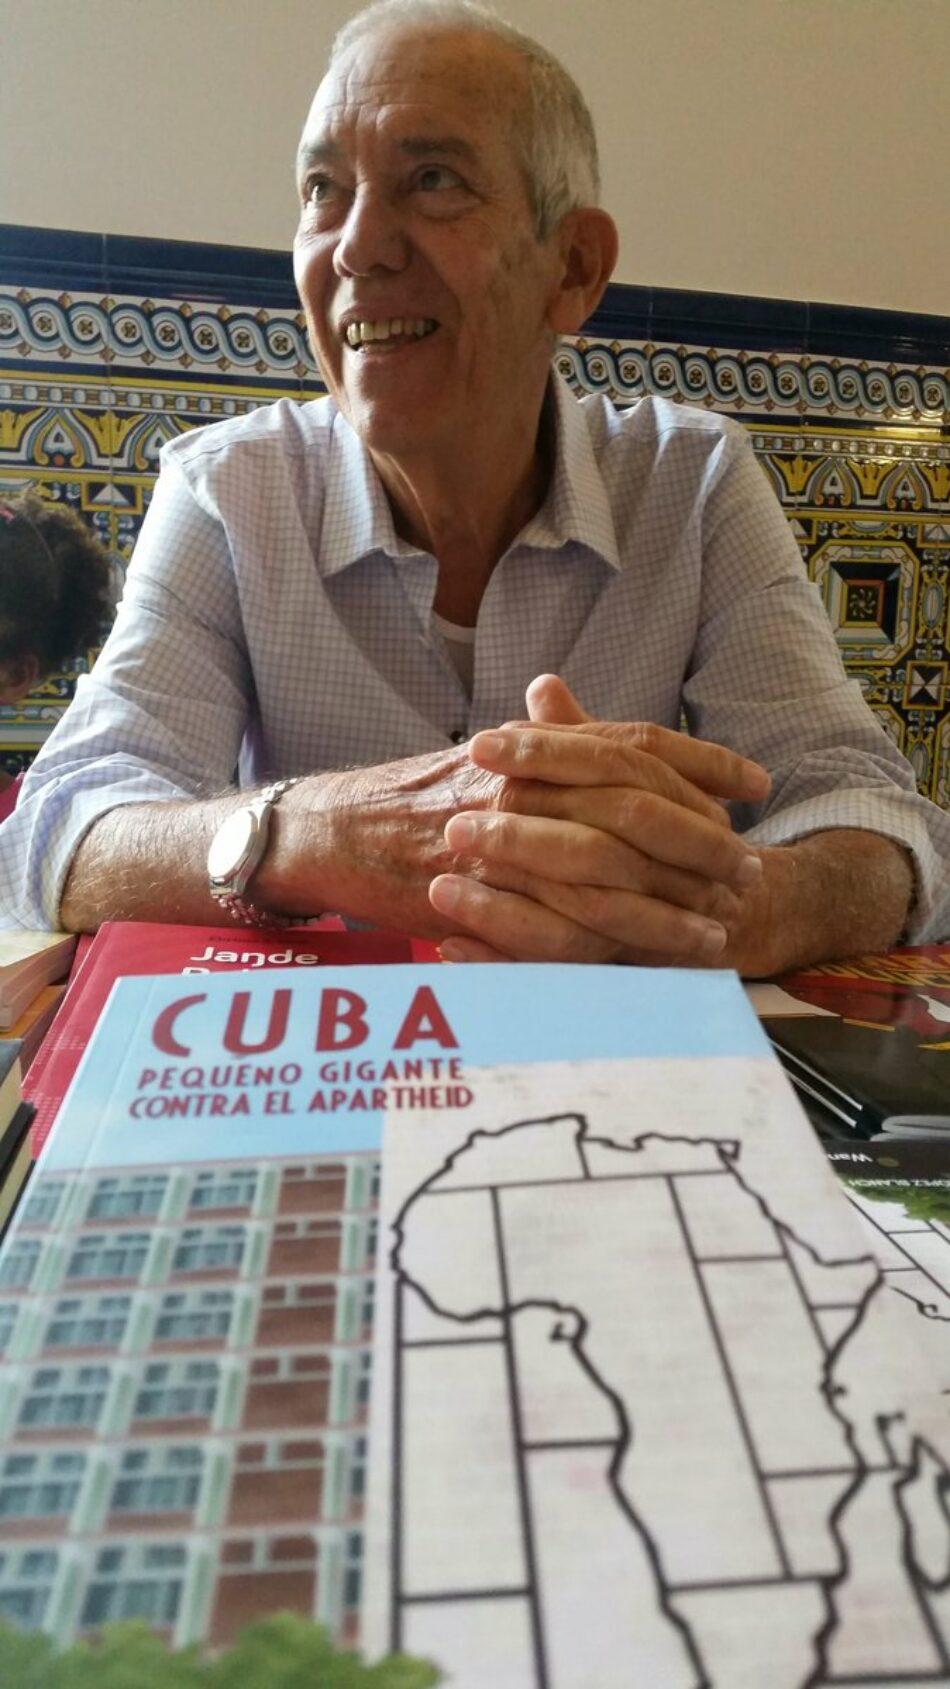 Divulgan en España ayuda cubana a África